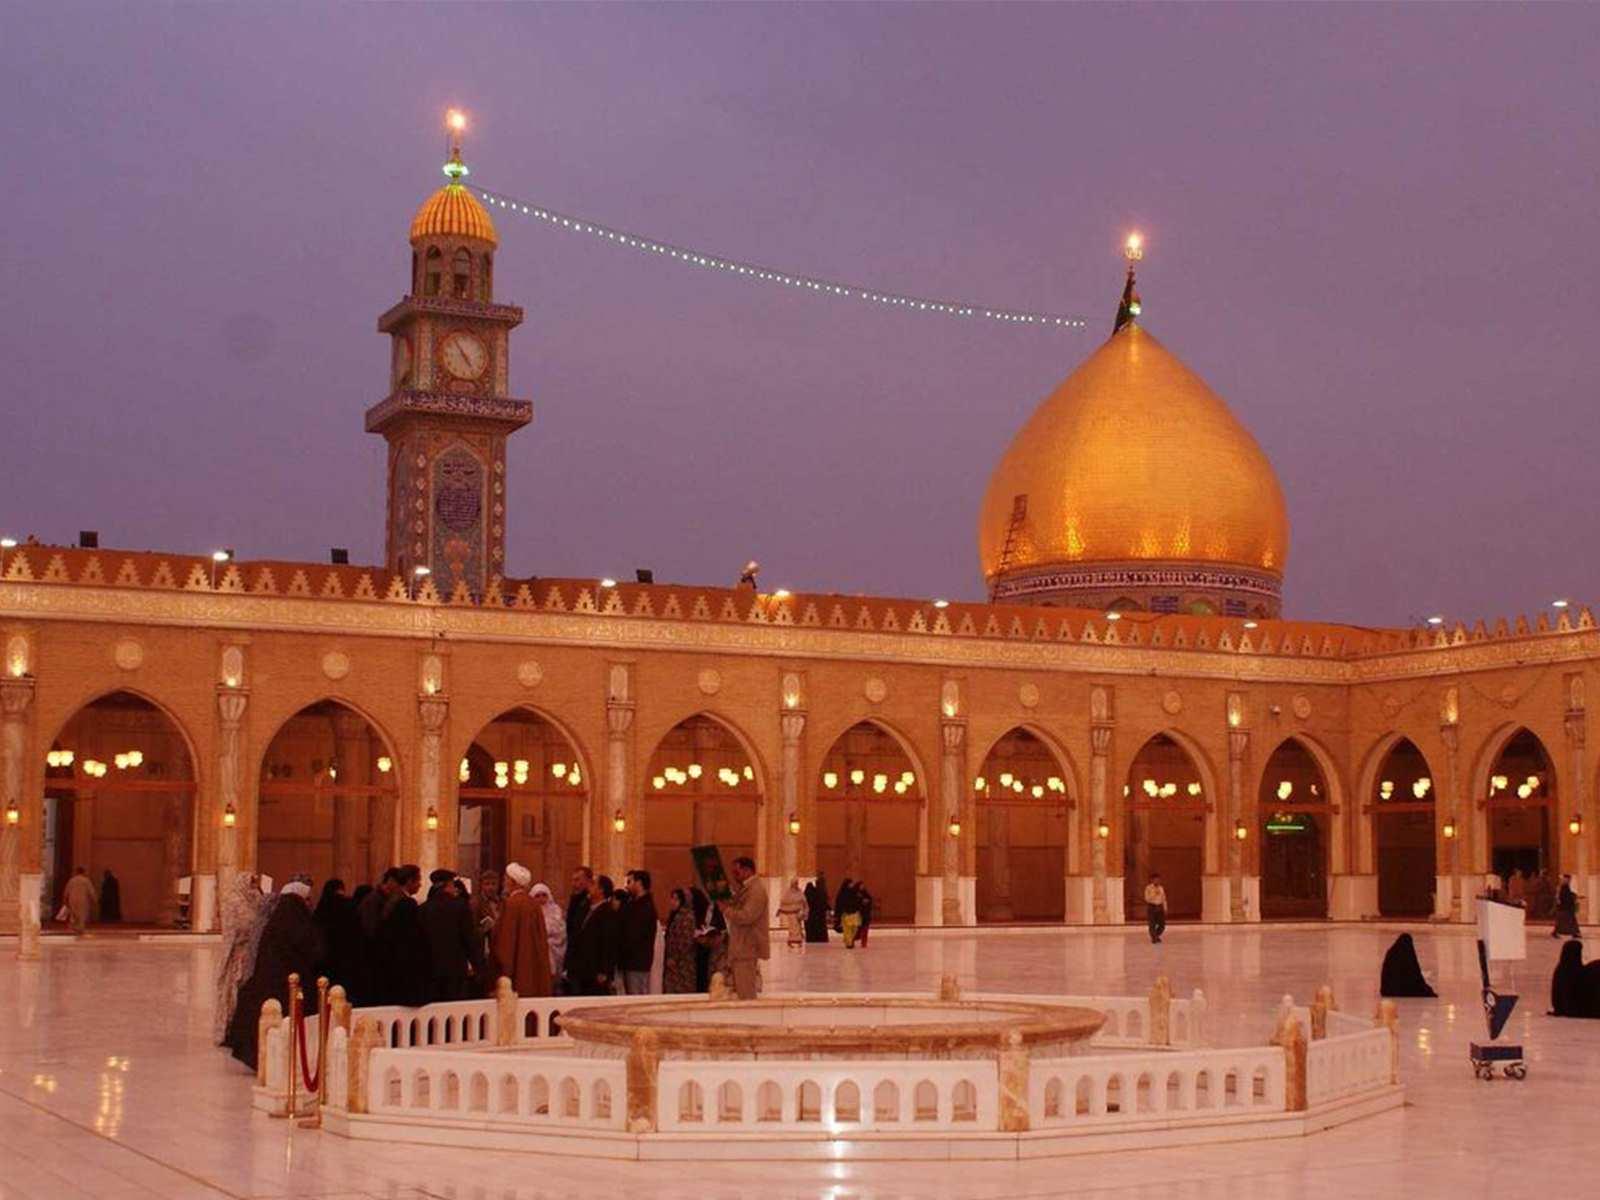 مسجد کوفه واقع در شهر کوفه